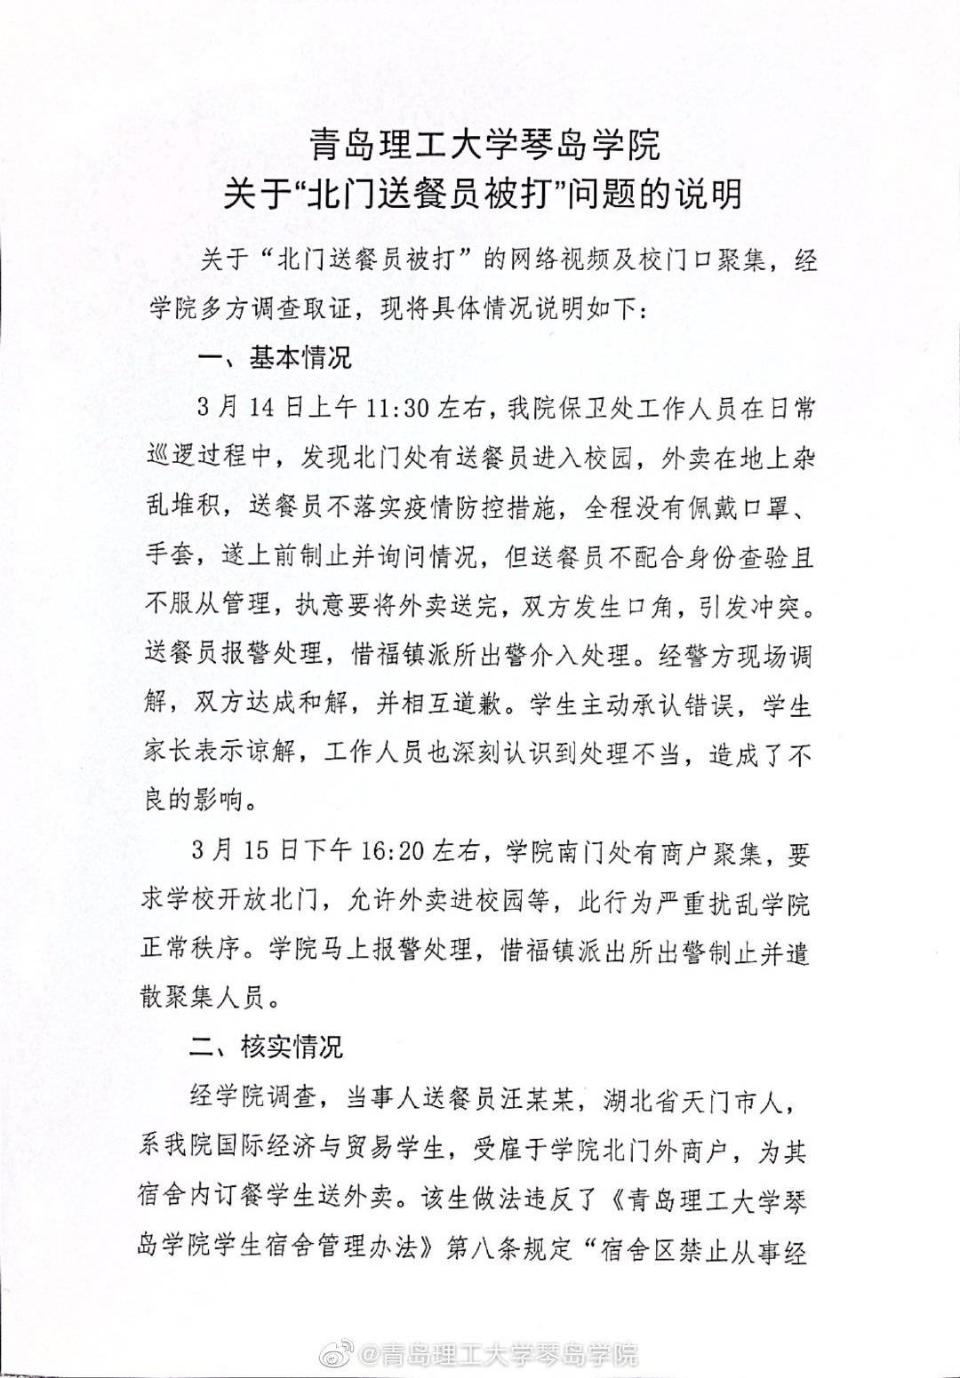 網傳琴島(dao)學院保衛處人員扇學生耳光 官方通(tong)報來了